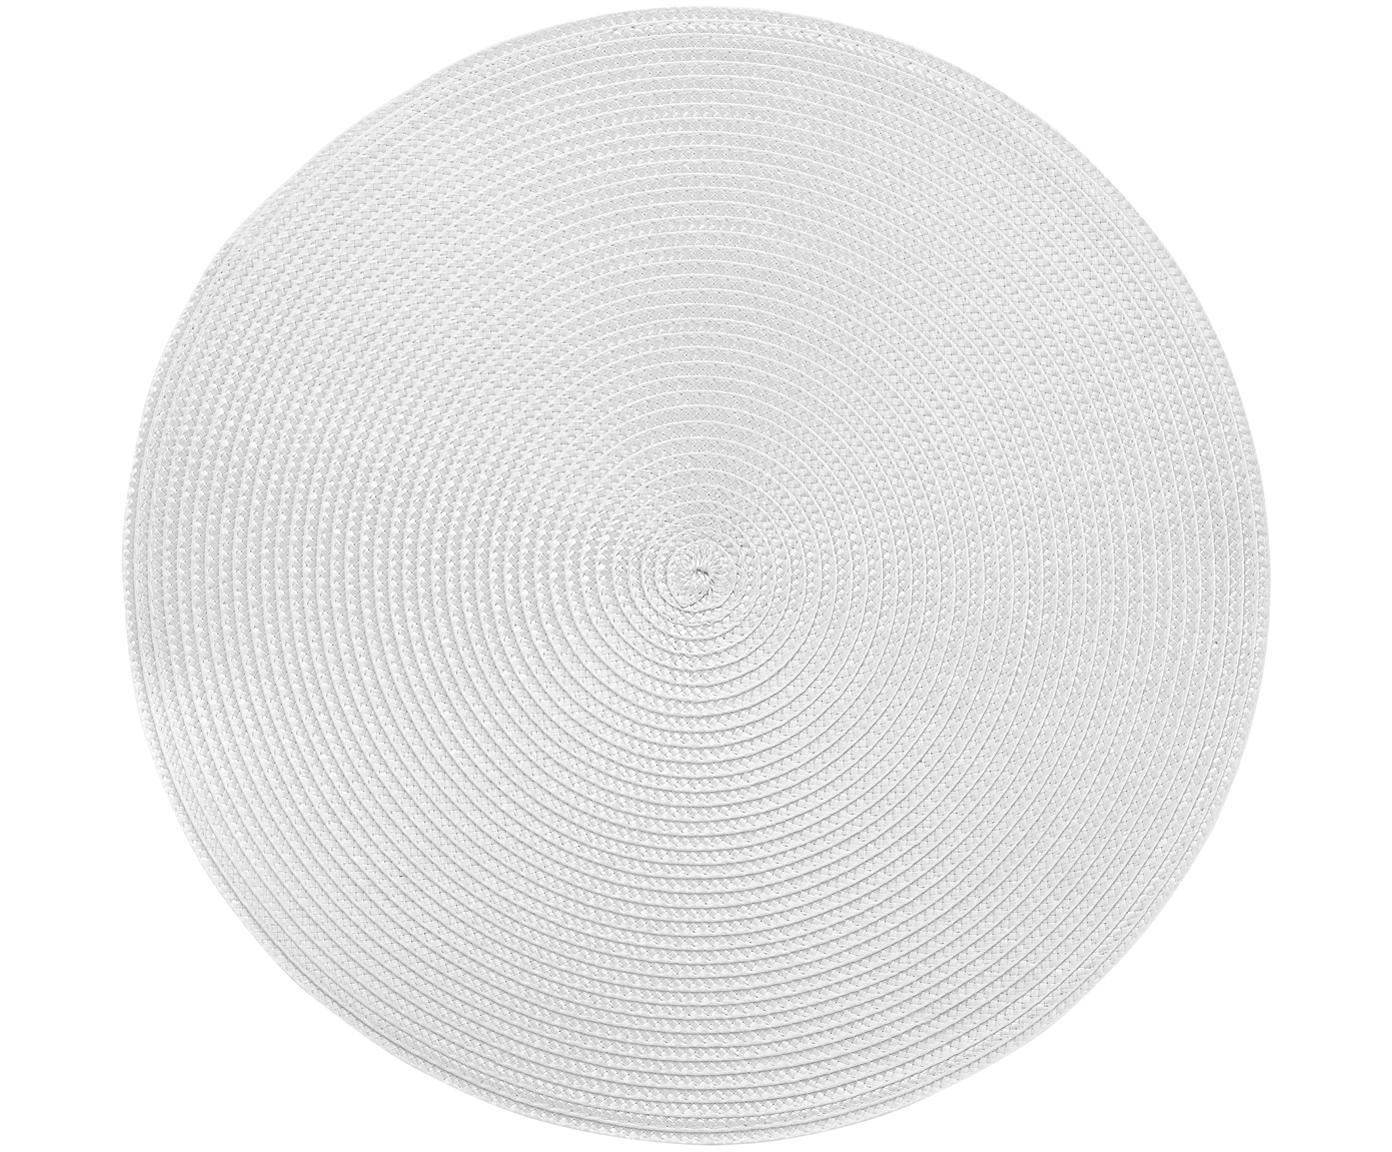 Ronde kunststoffen placemats Ambiente, 2 stuks, Kunststof, Lichtgrijs, Ø 38 cm